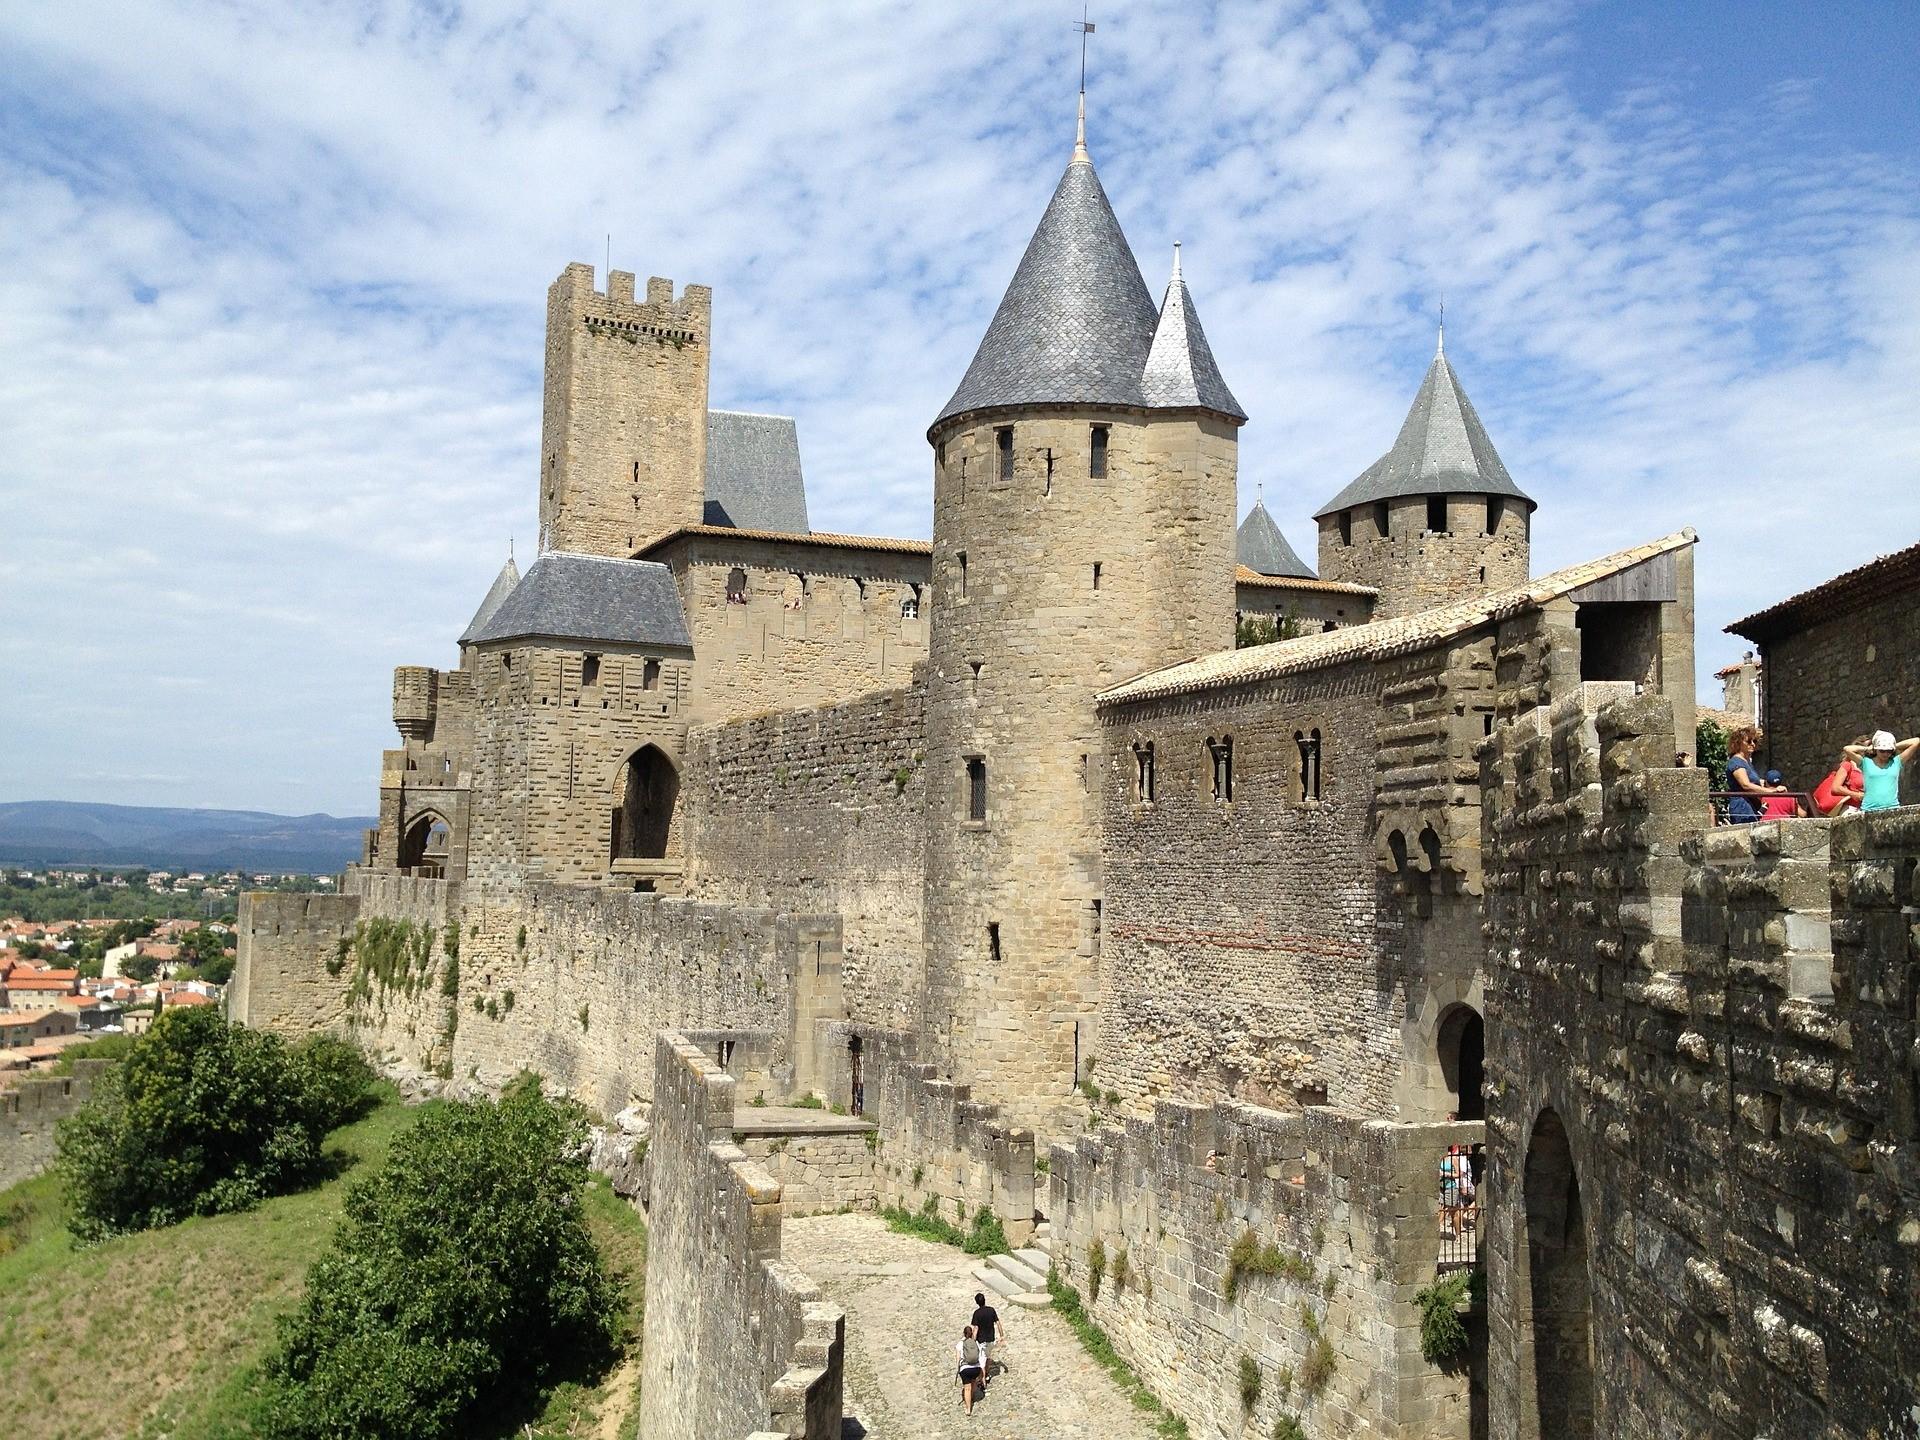 Bezoek de middeleeuwse stad Carcassonne